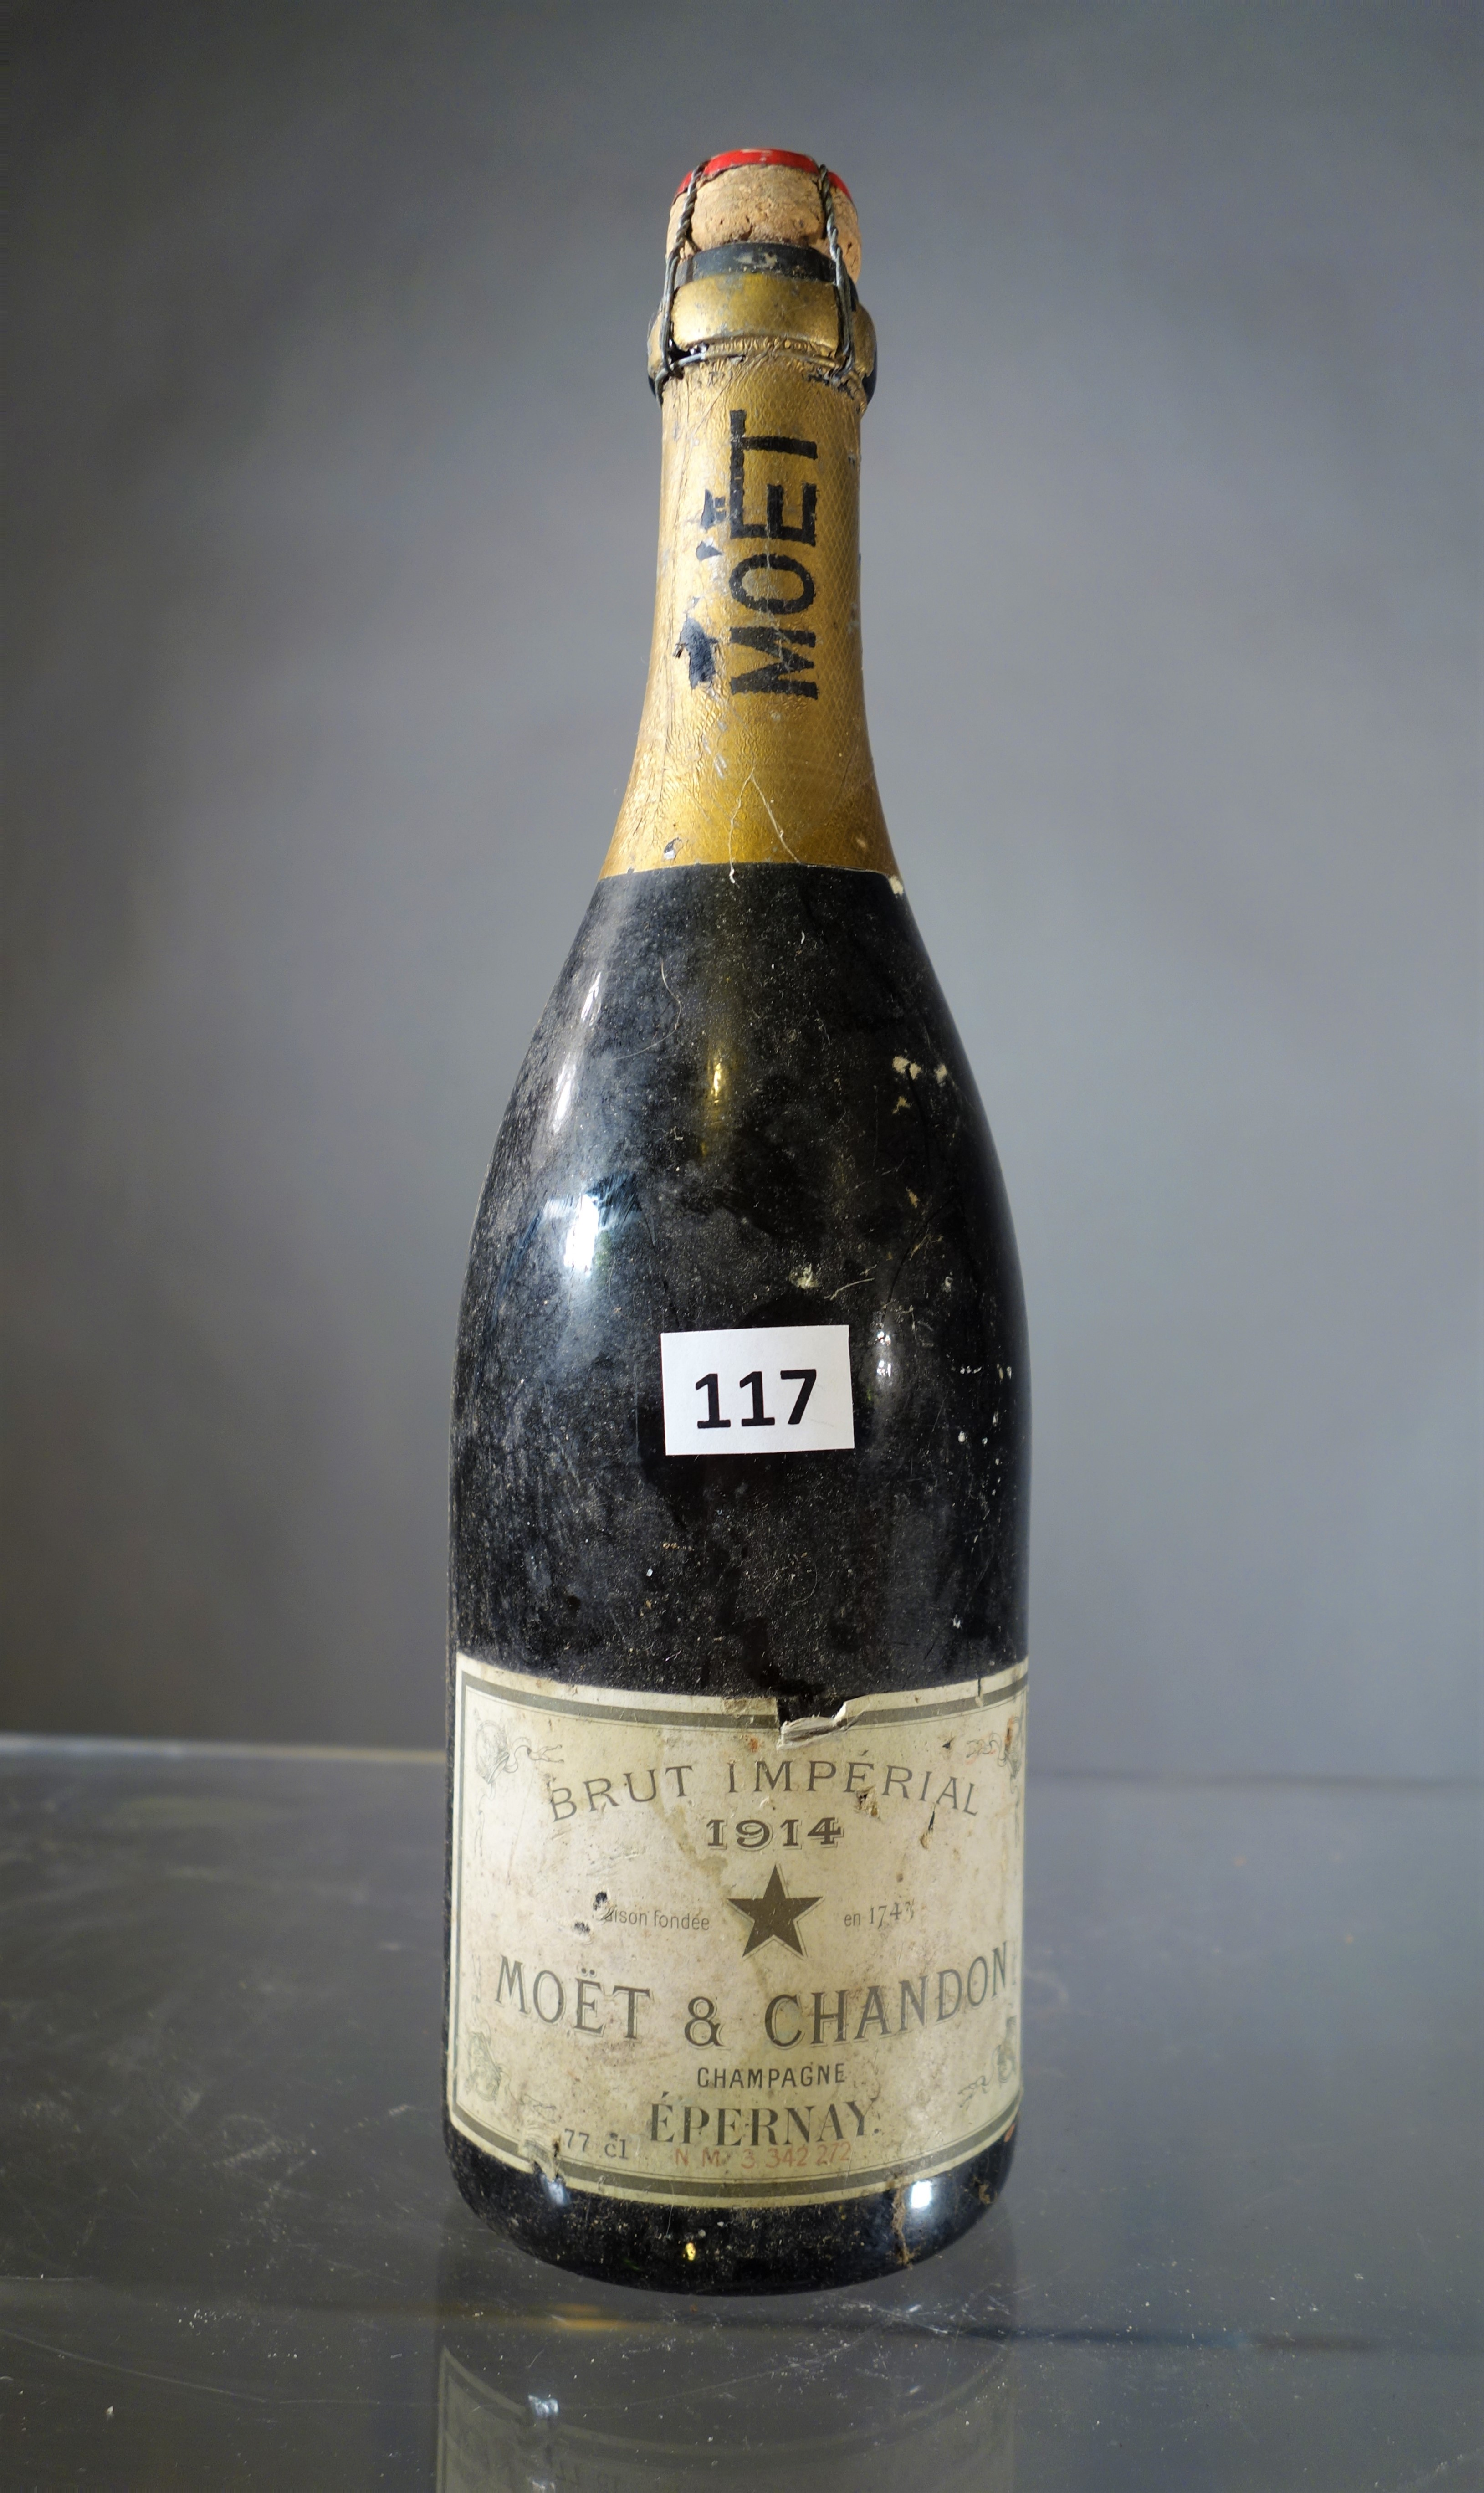 1 Flasche Champagner Moët & Chandon Brut impérial 1914